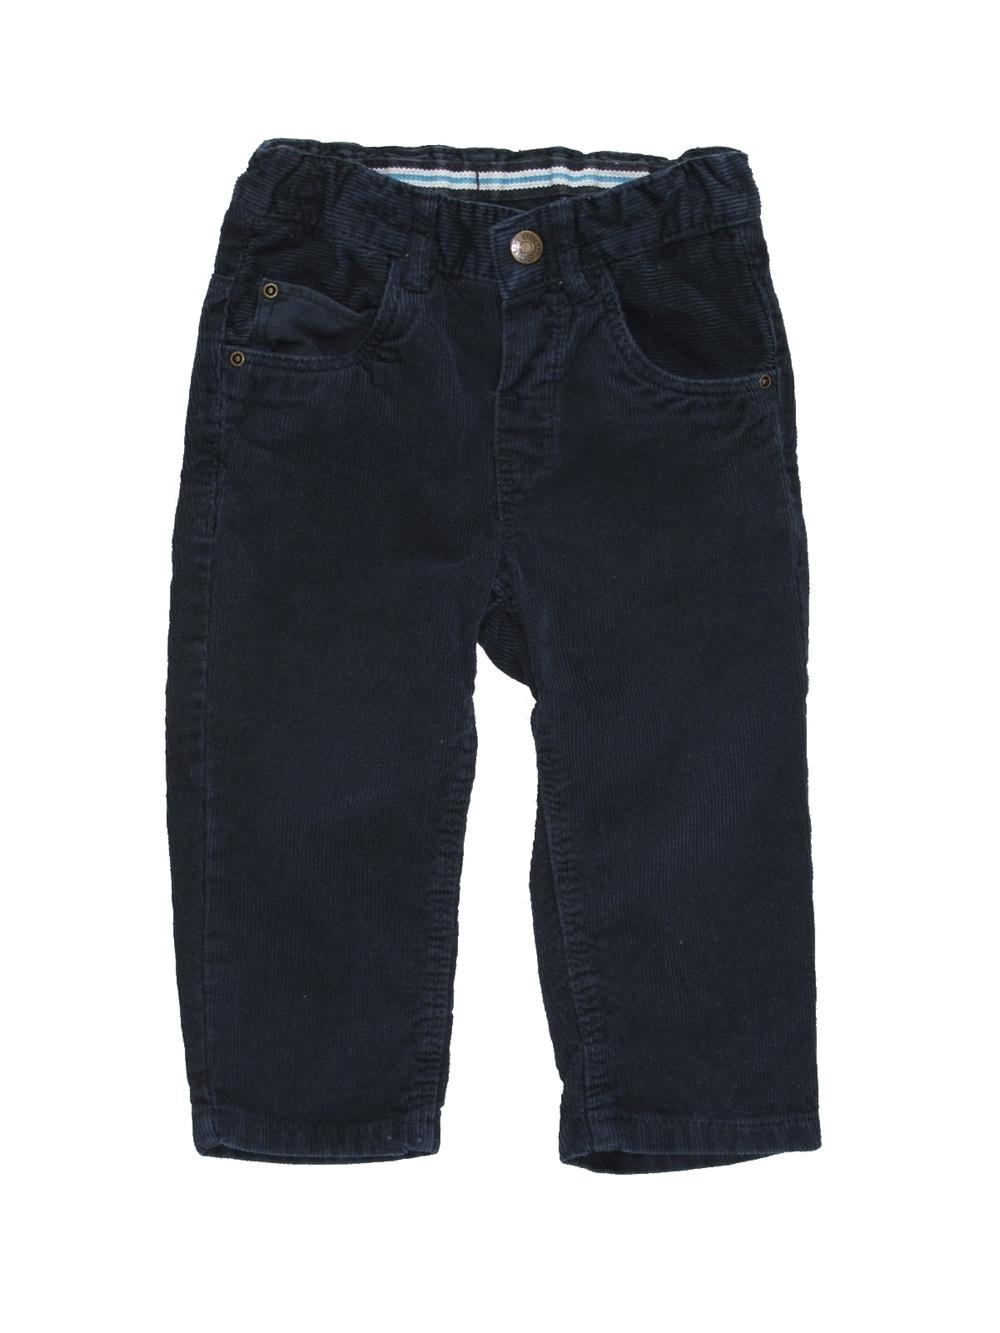 pantalon garcon h m 18 mois pas cher. Black Bedroom Furniture Sets. Home Design Ideas